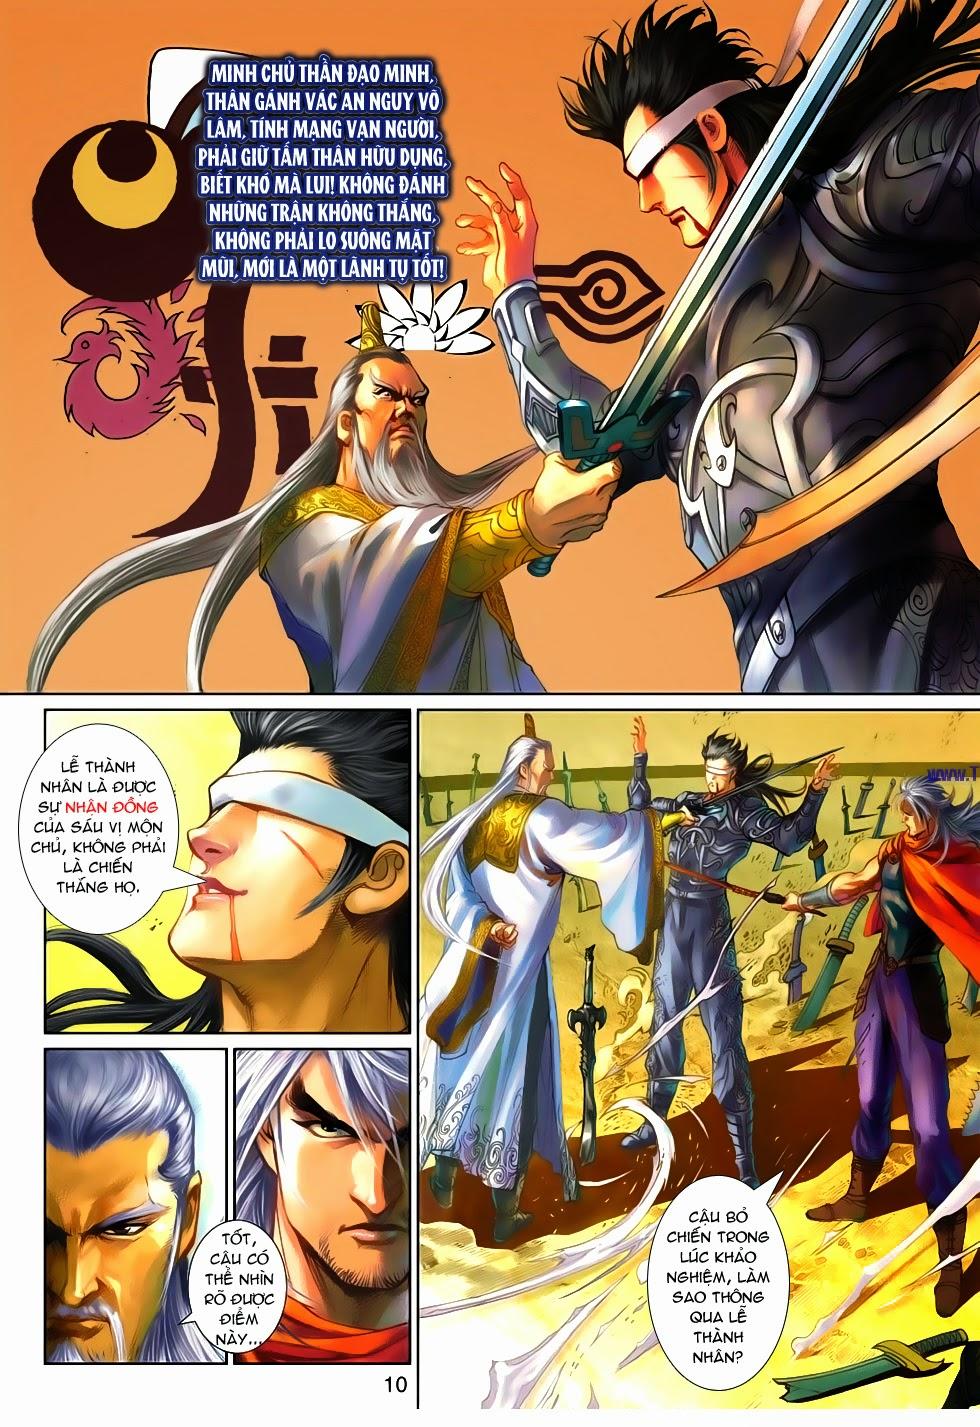 Thần Binh Tiền Truyện 4 - Huyền Thiên Tà Đế chap 9 - Trang 10